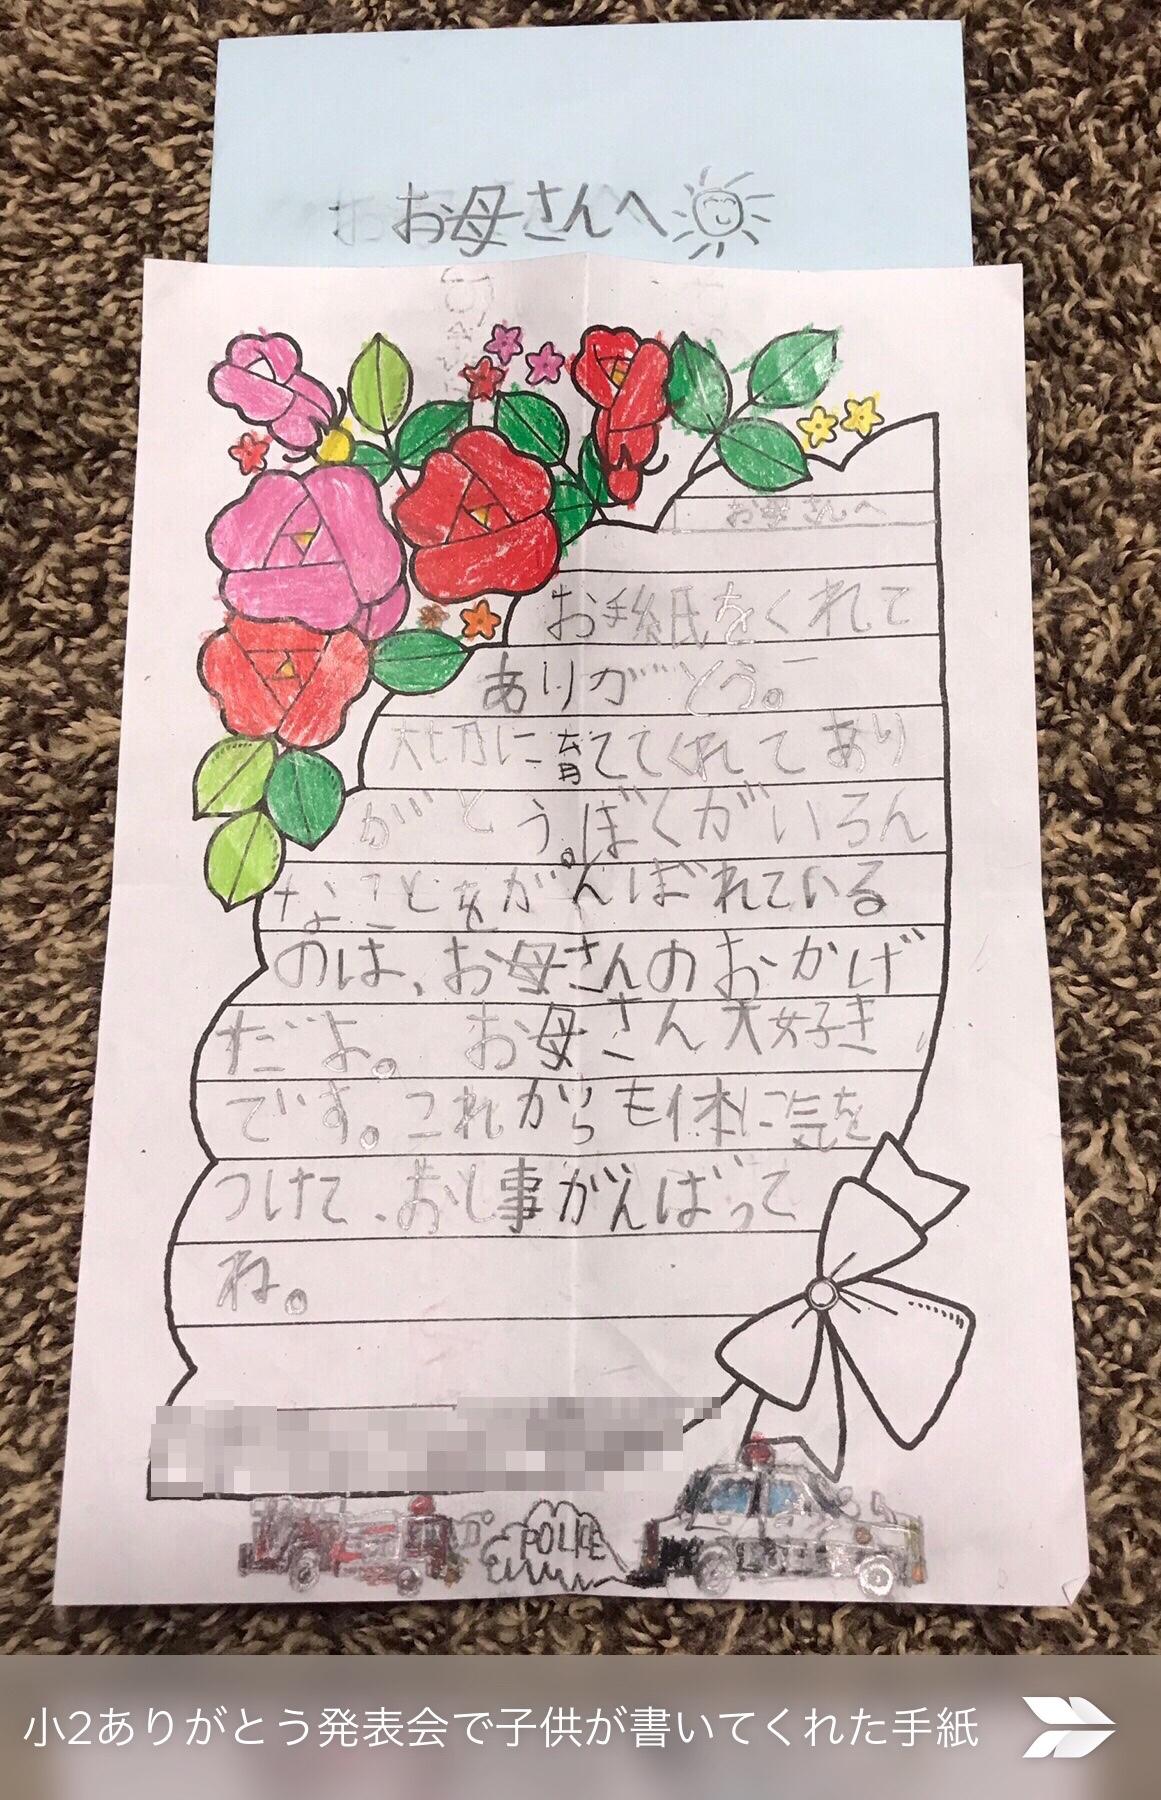 授業参観で子どもからもらった手紙